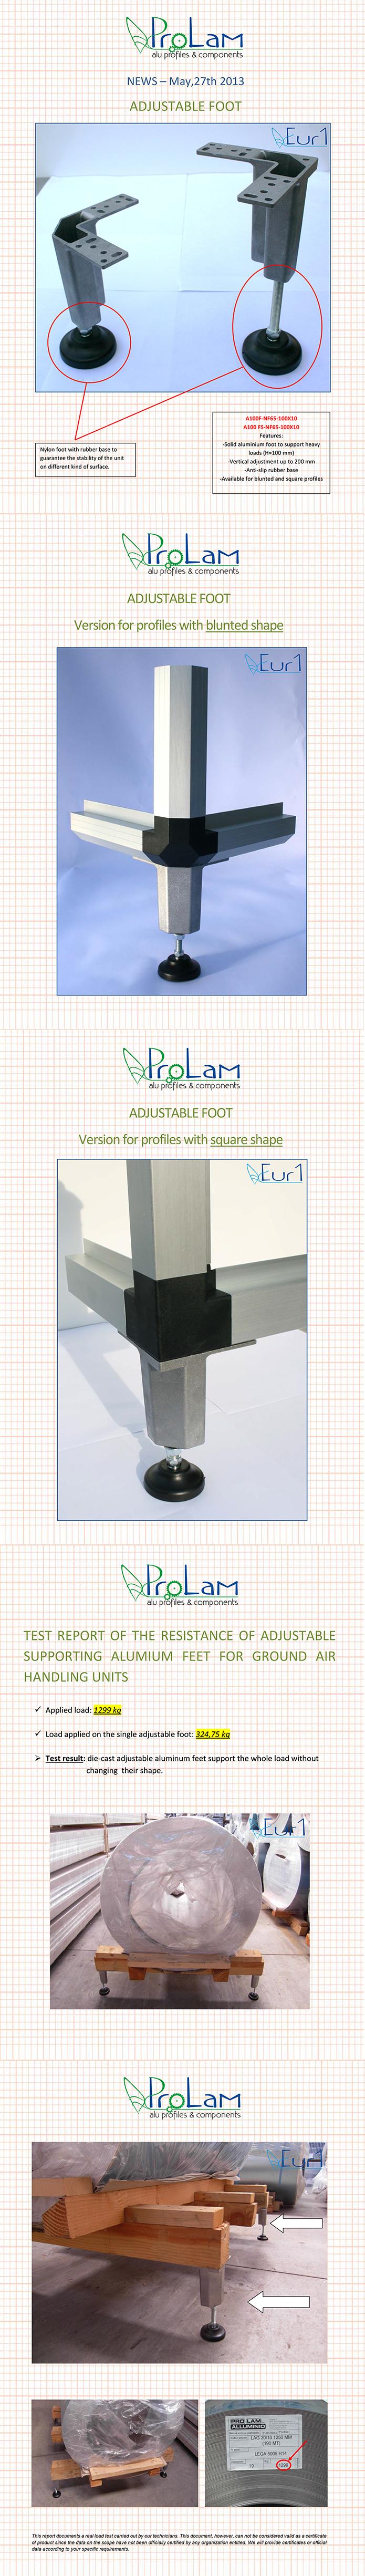 регулирующие ноги на угловых кронштейнах с прямой и усеченной гранью